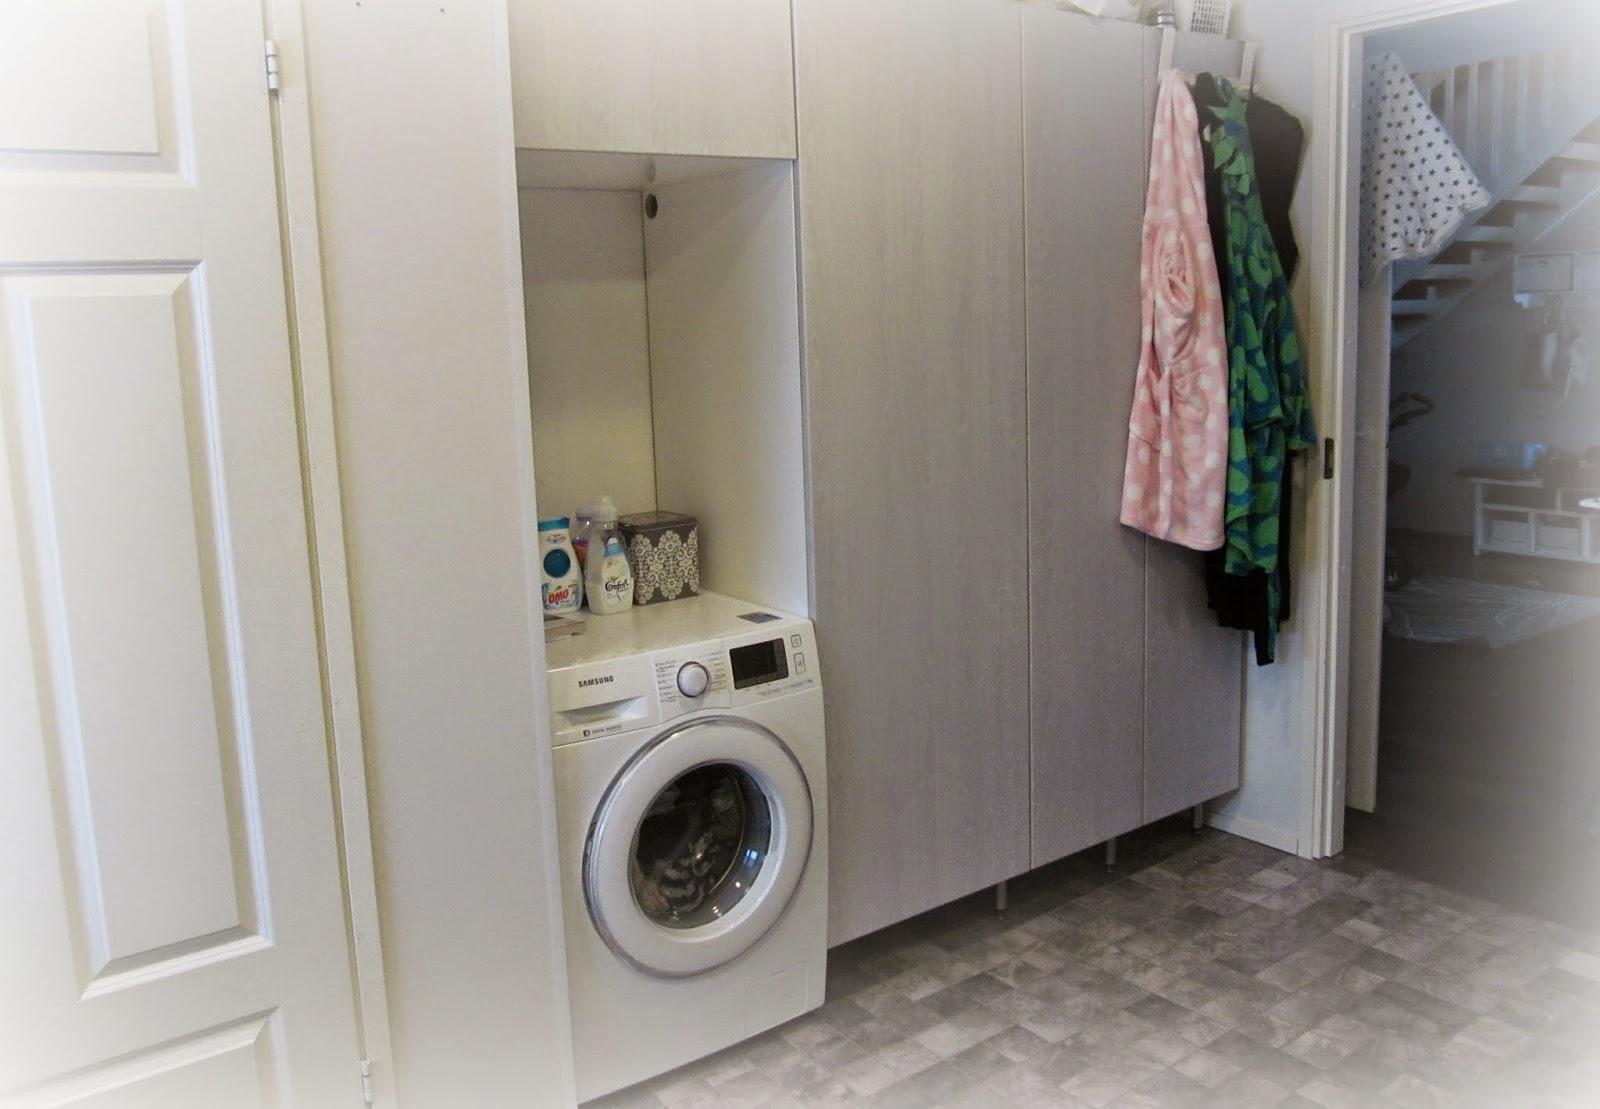 Hyllykkö pesukoneen päälle